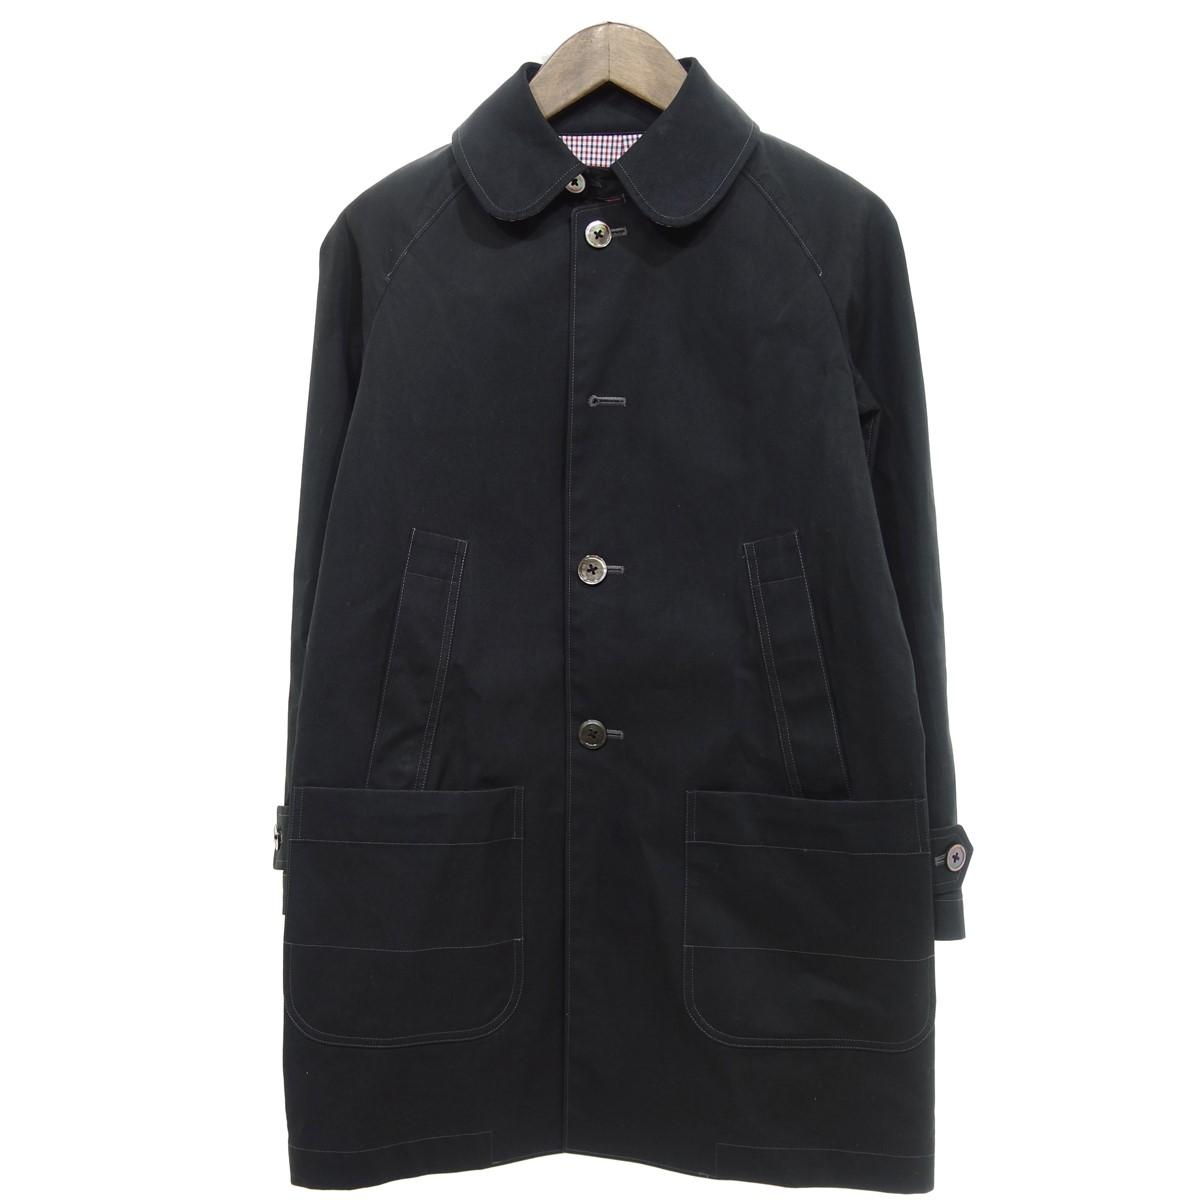 【中古】JUNYA WATANABE CdG MAN PINK AD2012 ステンカラーコート ブラック サイズ:S 【300320】(ジュンヤワタナベコムデギャルソンマンピンク)